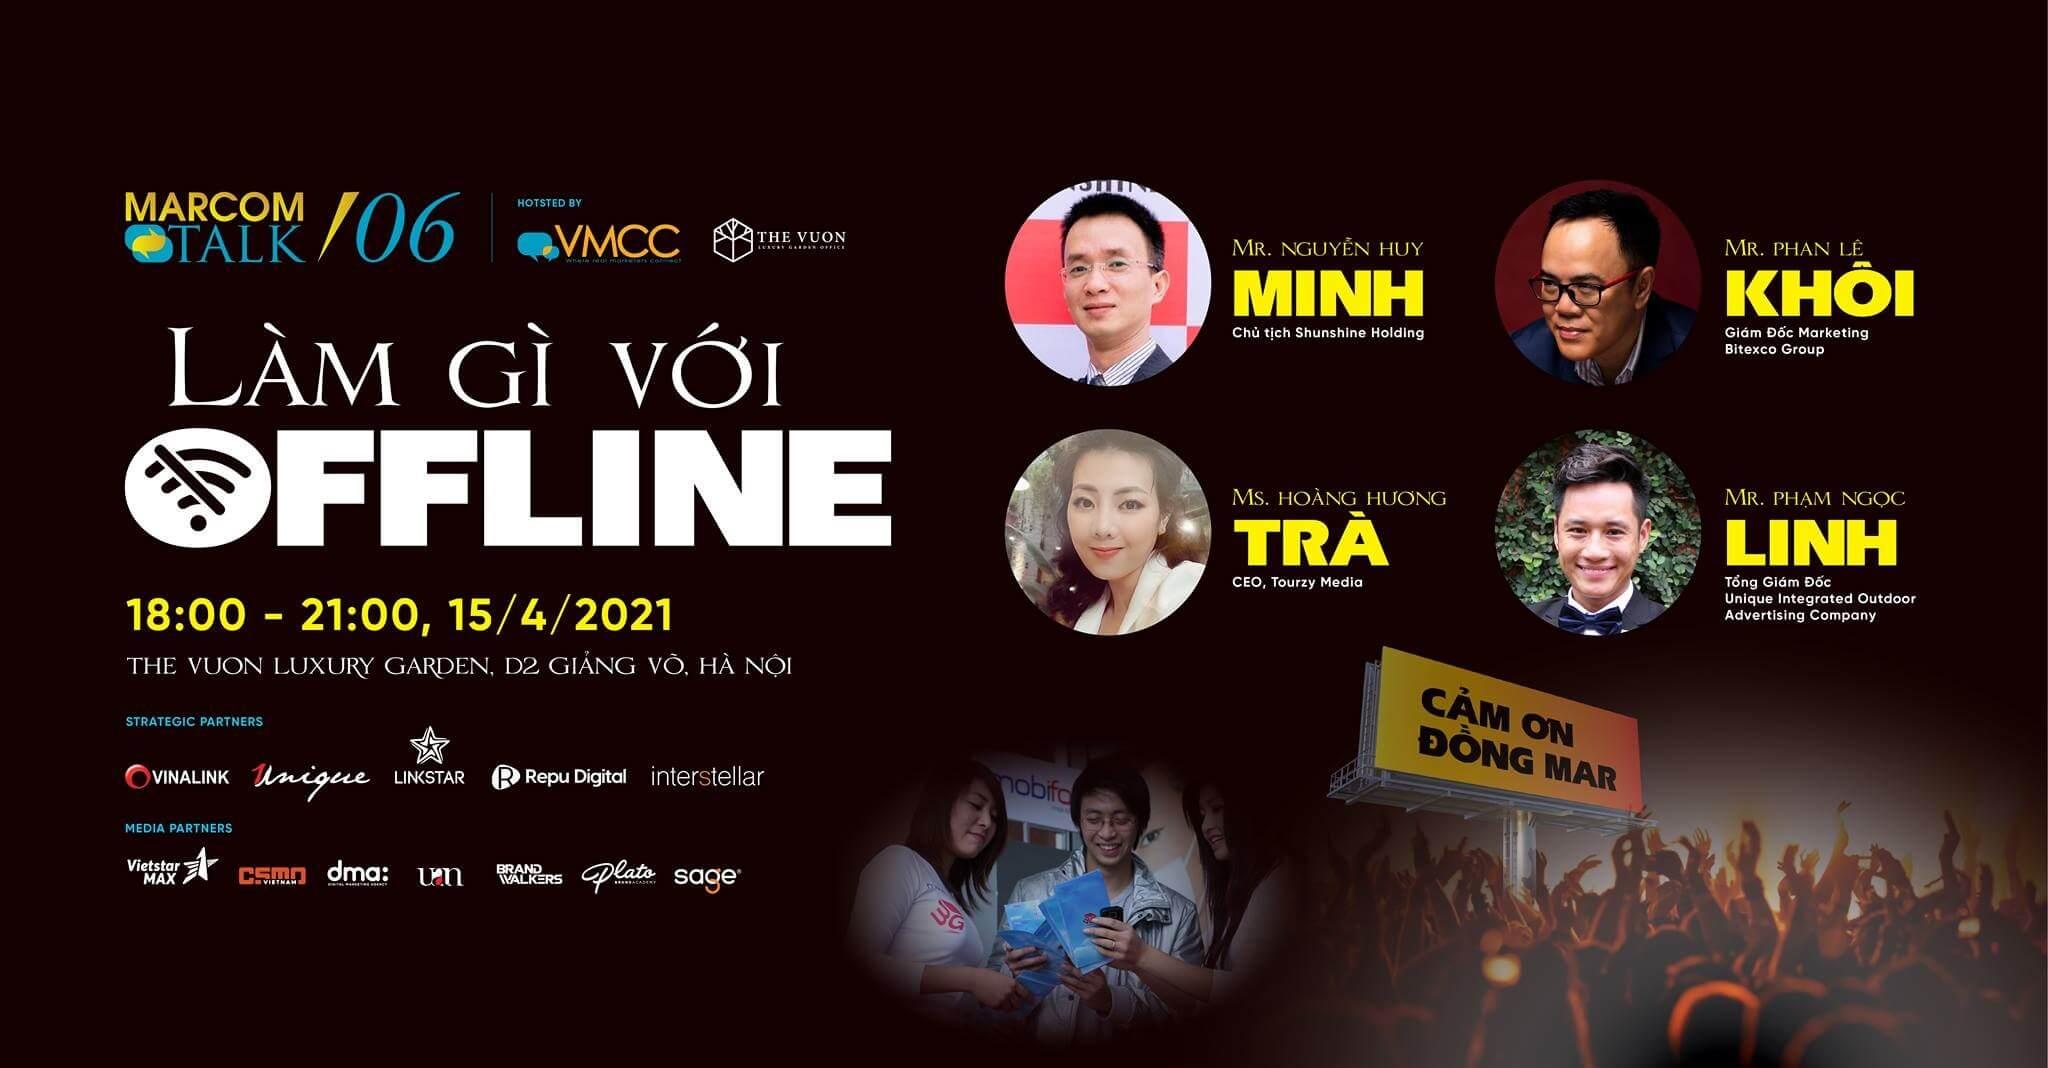 Sự kiện VMCC Marcom Talk #06: Làm gì với offline?